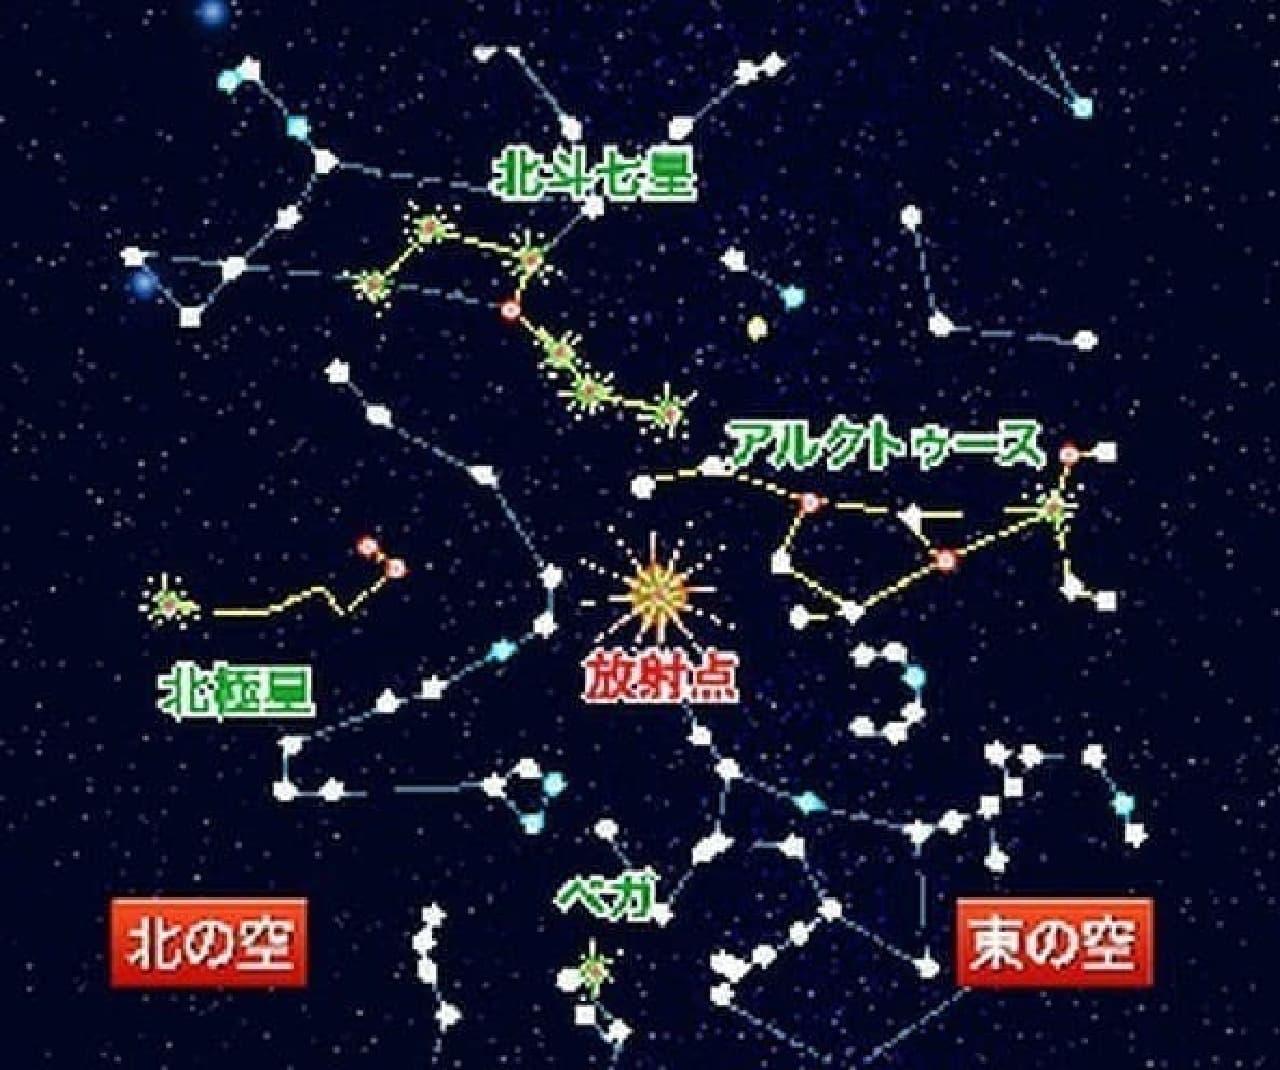 「しぶんぎ座流星群」、今夜観測ピーク!